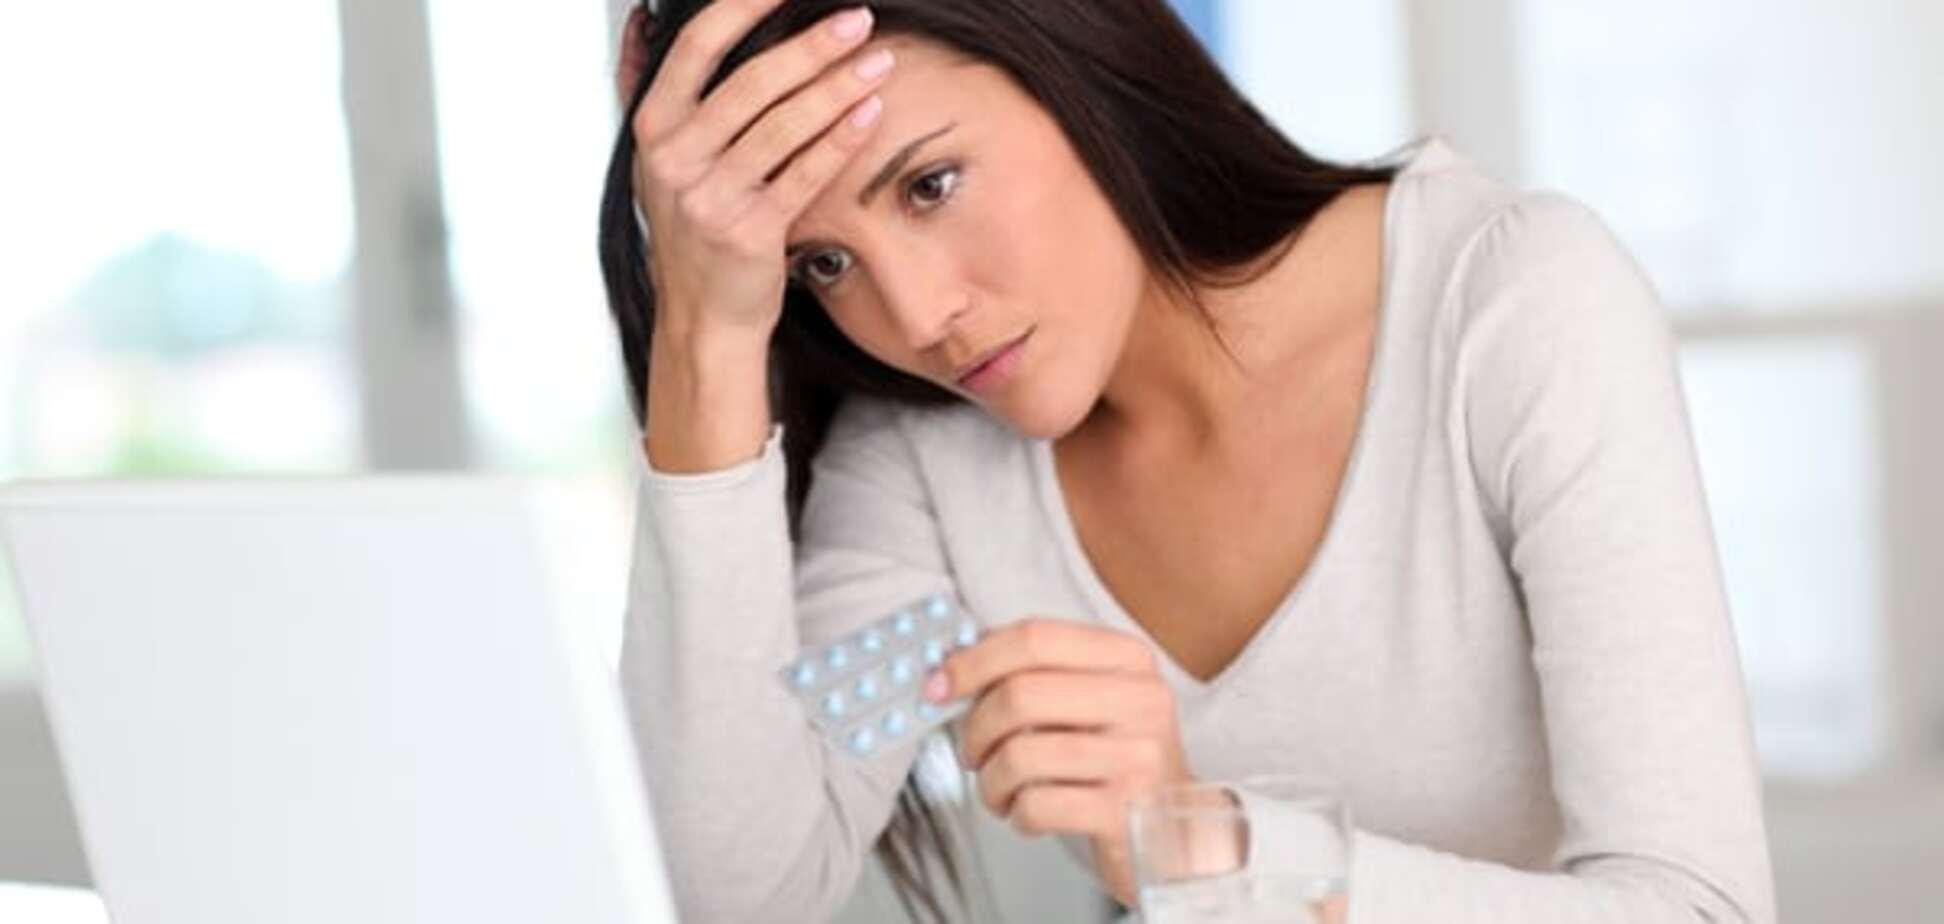 Ученые назвали симптомы мигреней, которые повреждают мозг